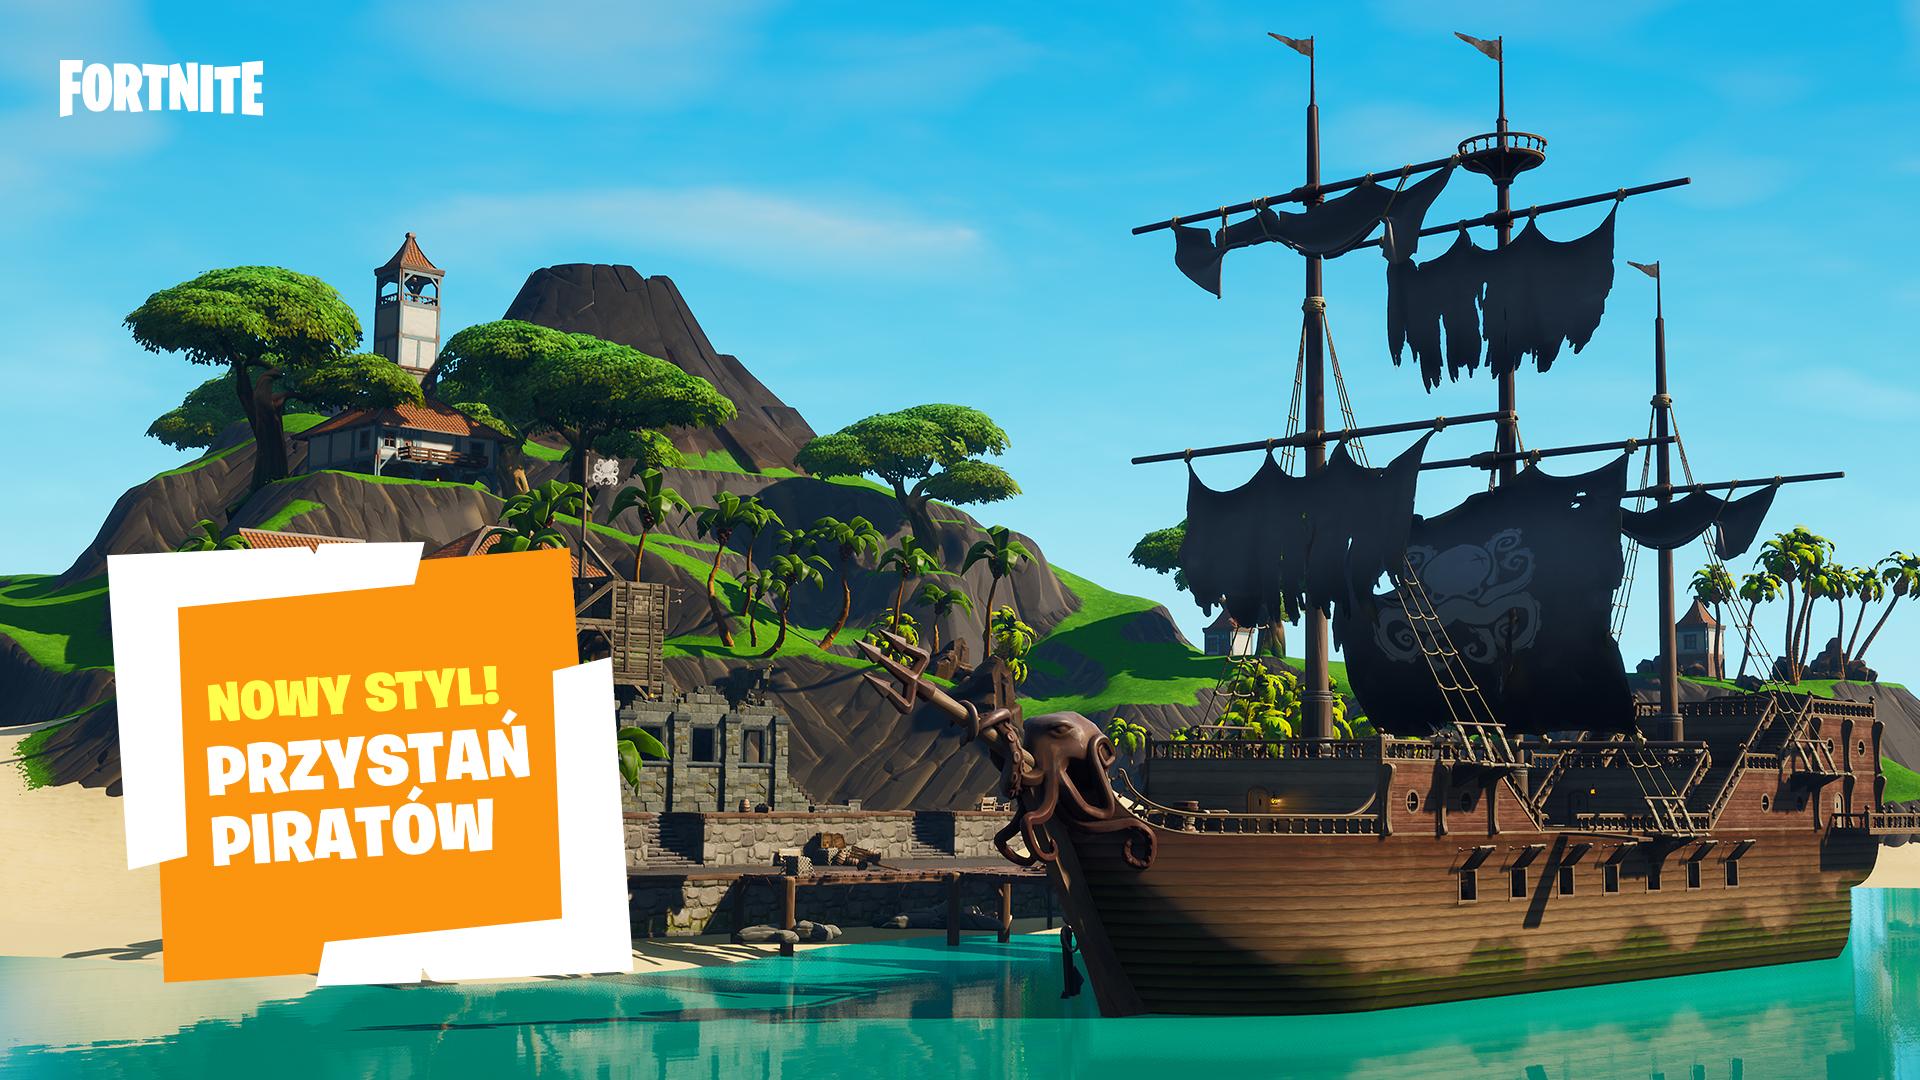 PL_08CM_Theme_PirateCove_Social-.jpg